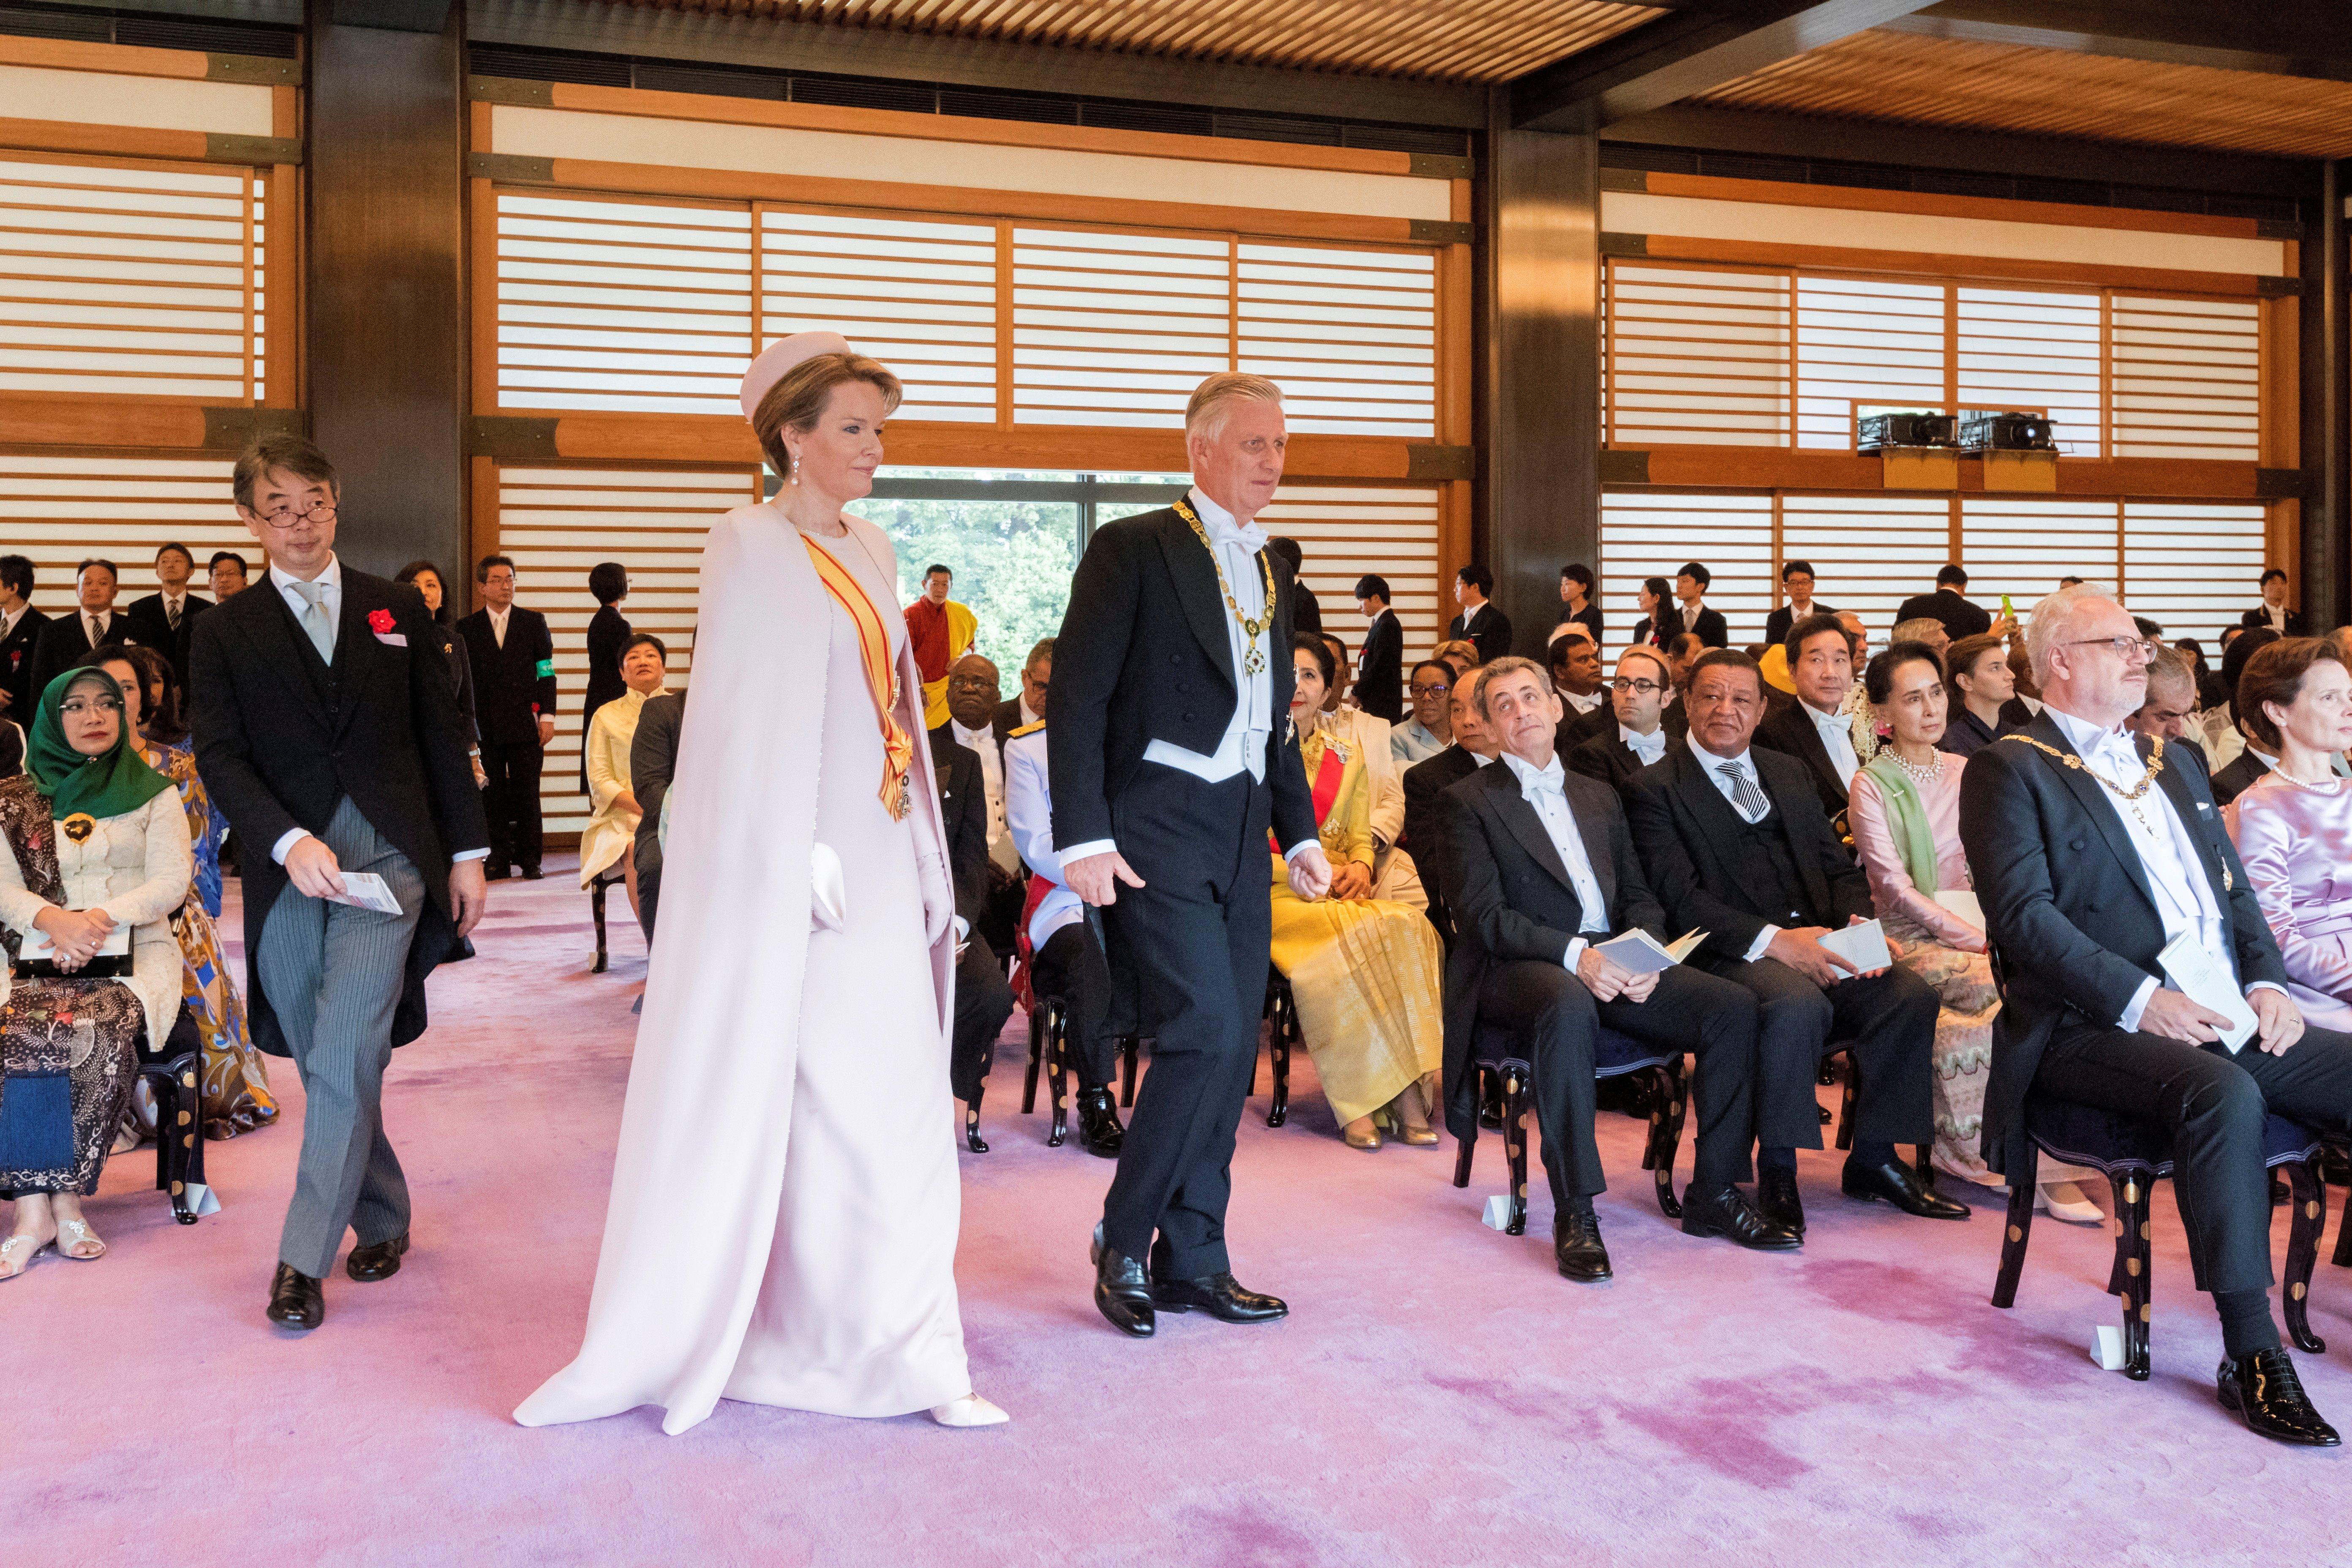 El rey Felipe de Bélgica (centro a la derecha) y a la reina Mathilde (centro a la izquierda) asistiendo a la ceremonia de entronización donde el emperador japonés Naruhito proclama oficialmente su ascensión al Trono del Crisantemo en El Palacio Imperial de Tokio. En la segunda fila, el ex presidente francés Nicolas Sarkozy (AFP)